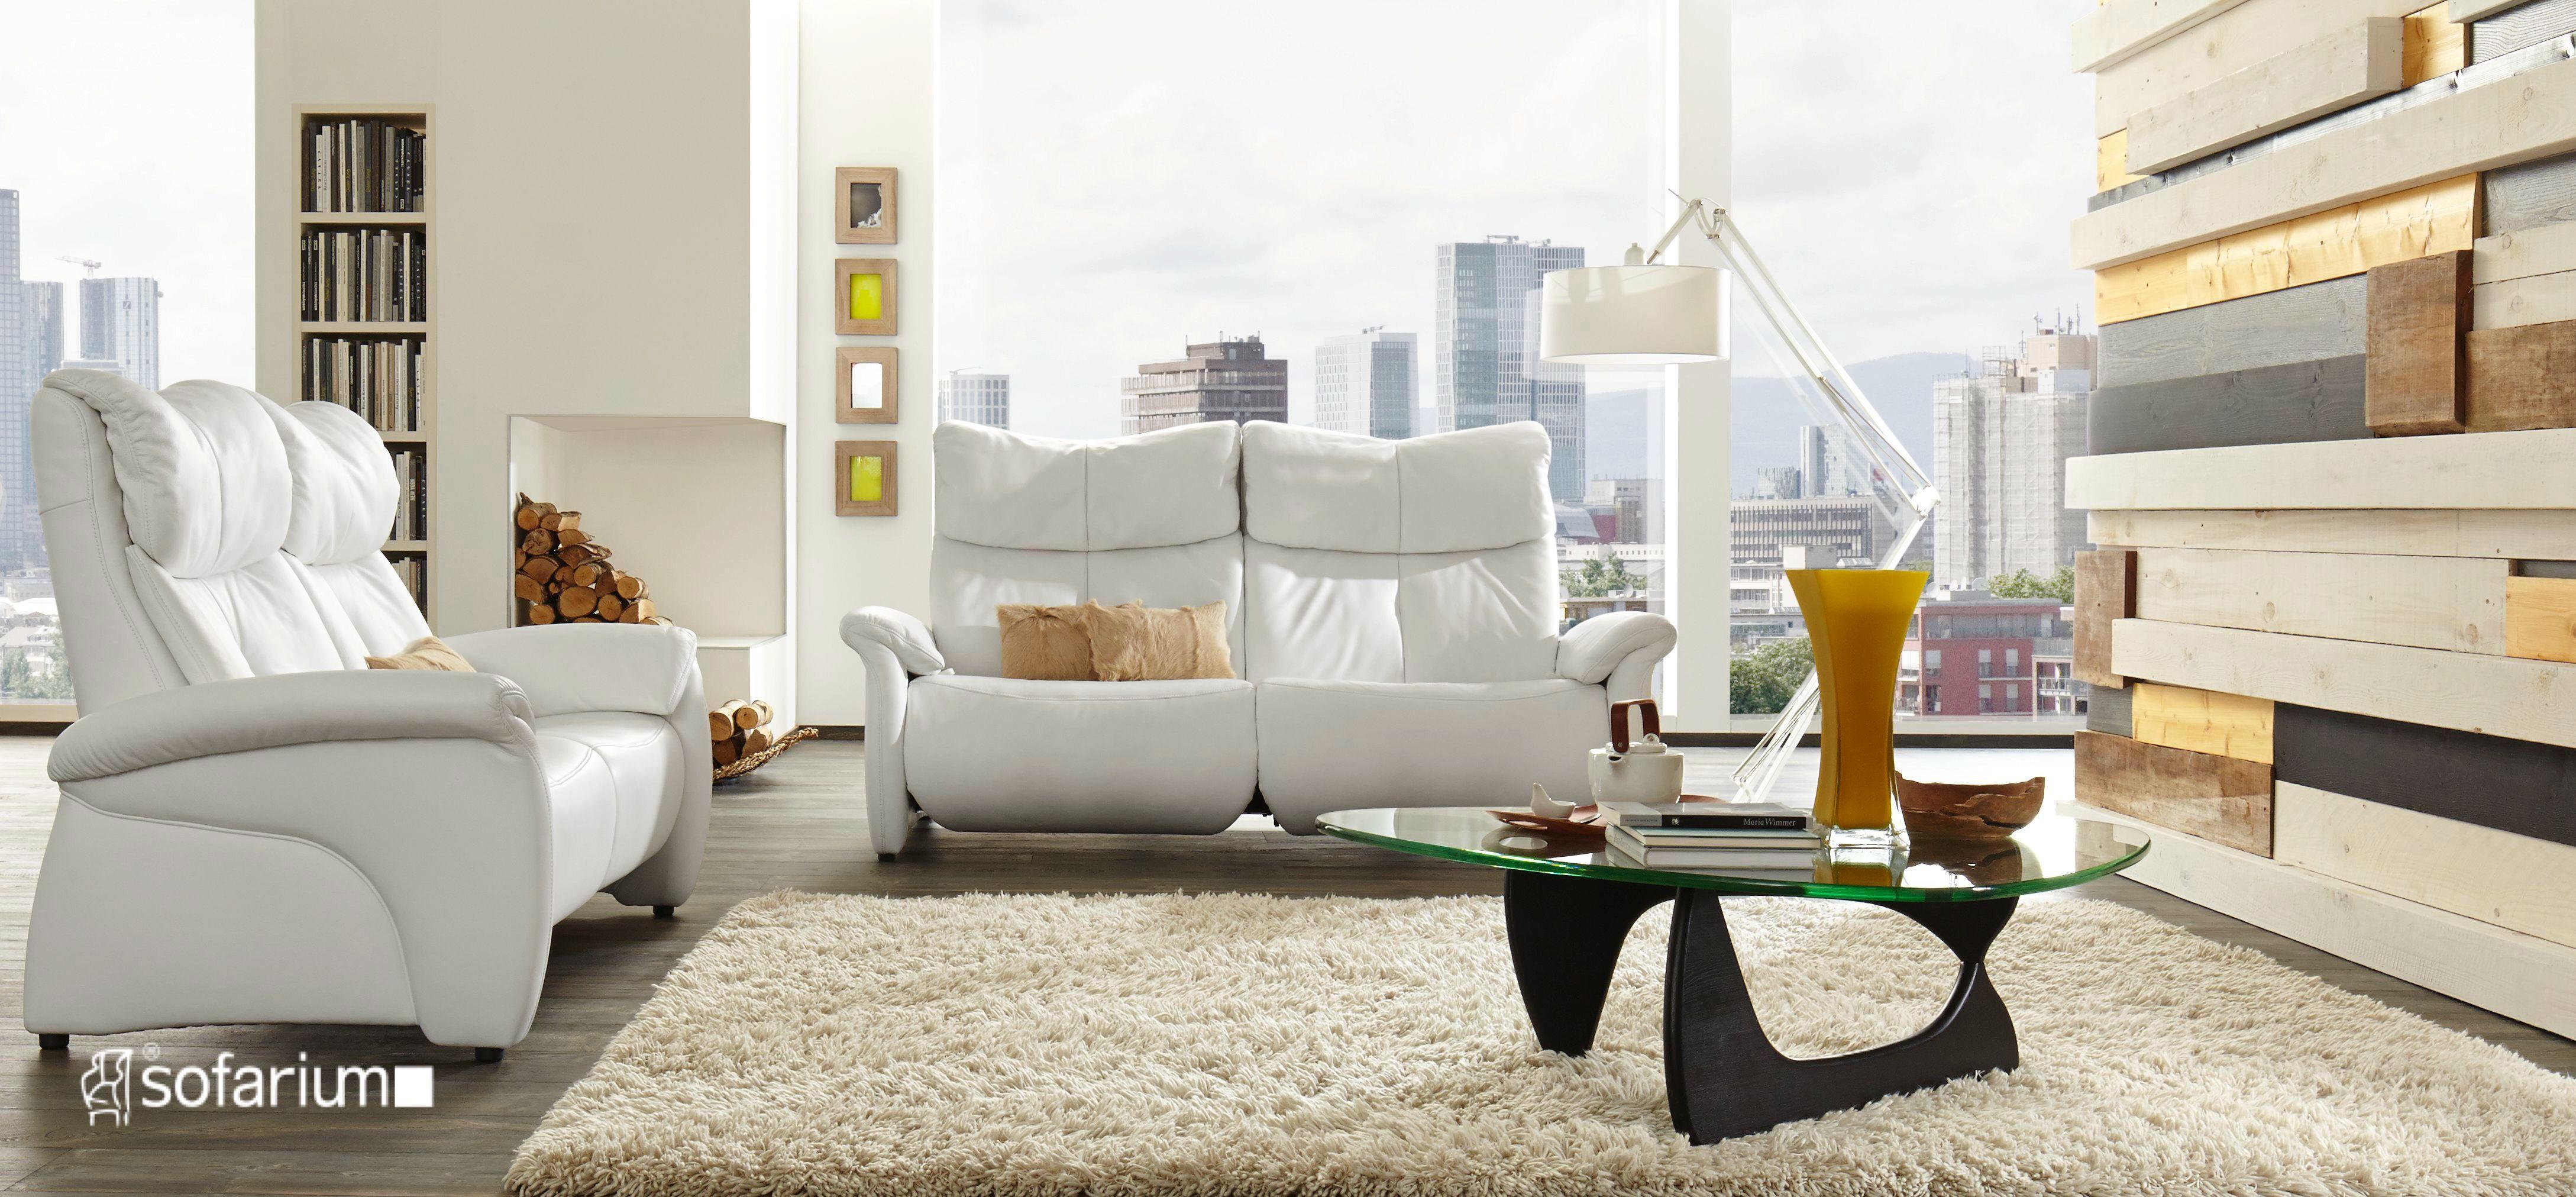 himolla-sofas-butaca-tela-piel